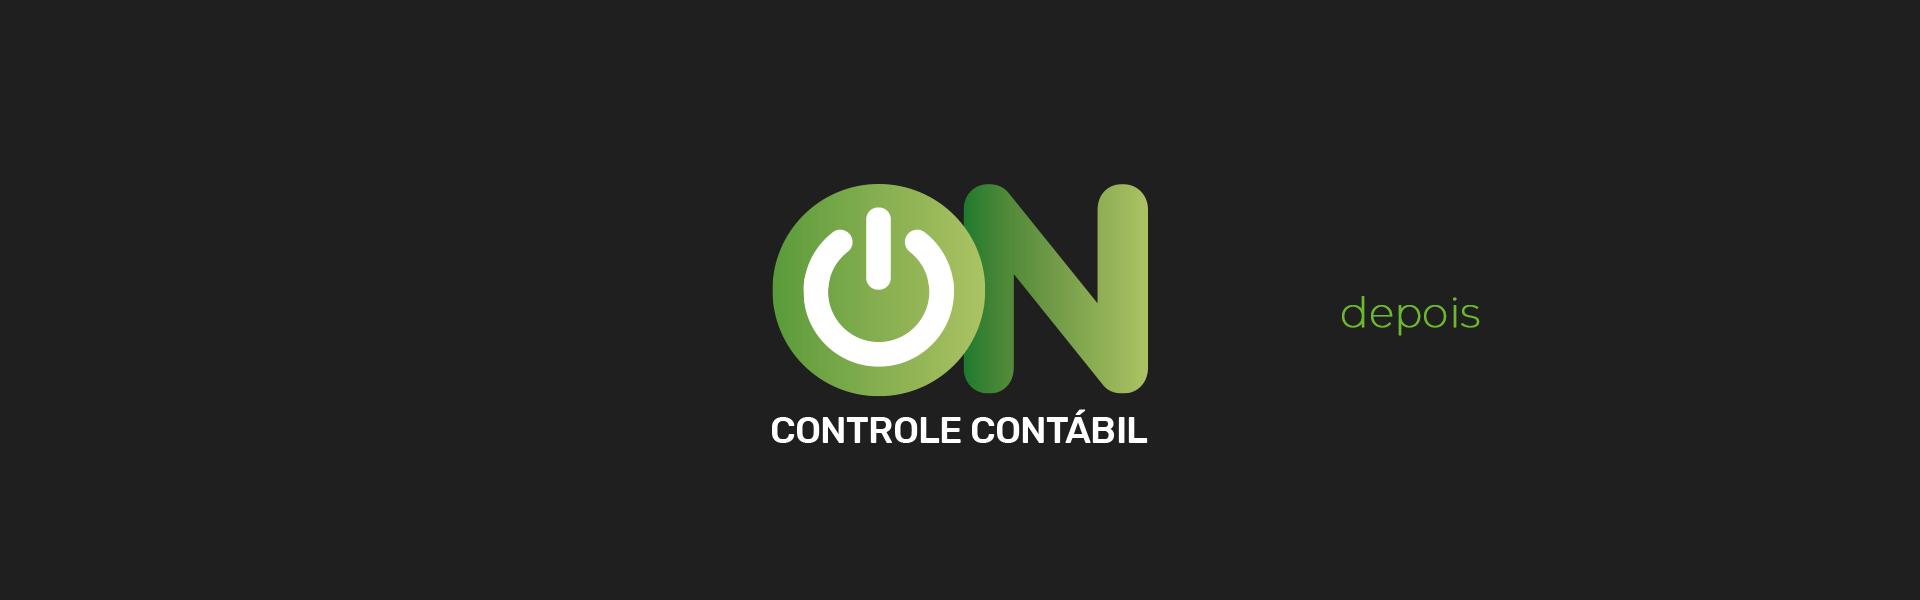 On Controle Contábil